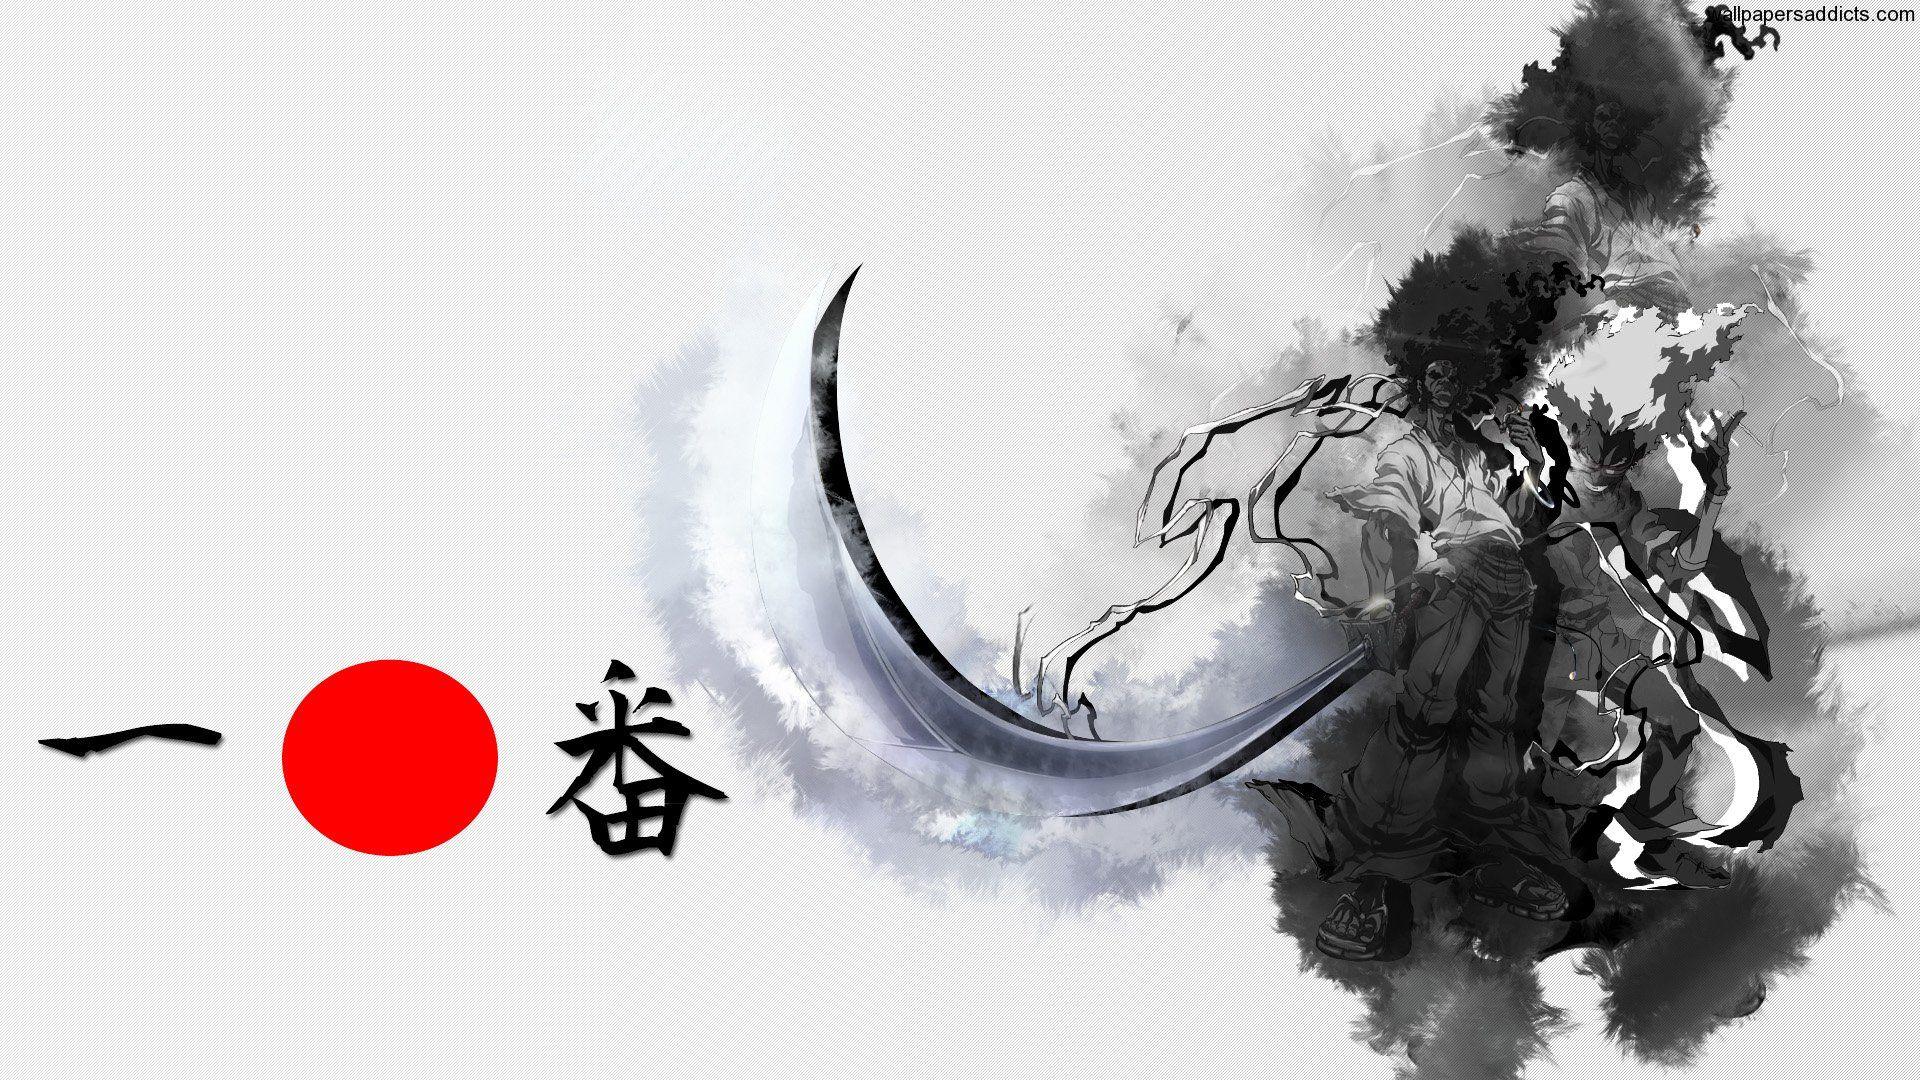 samurai bushido wallpaper Buscar con Google